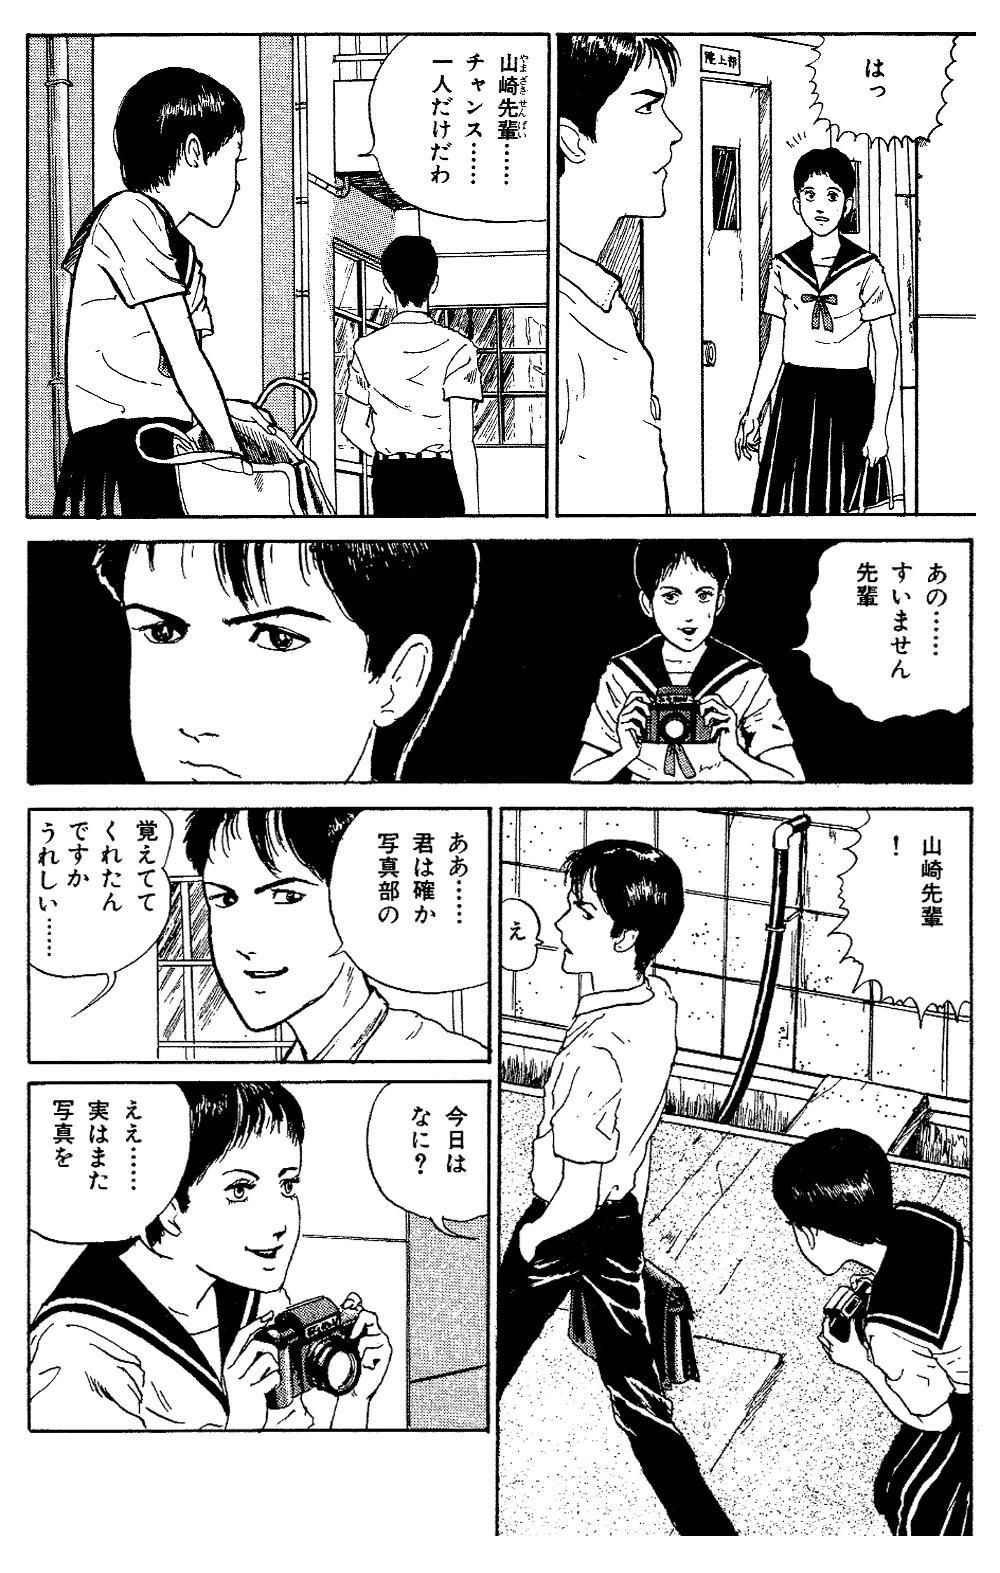 伊藤潤二傑作集 第4話「富江 写真」①juji10-09.jpg